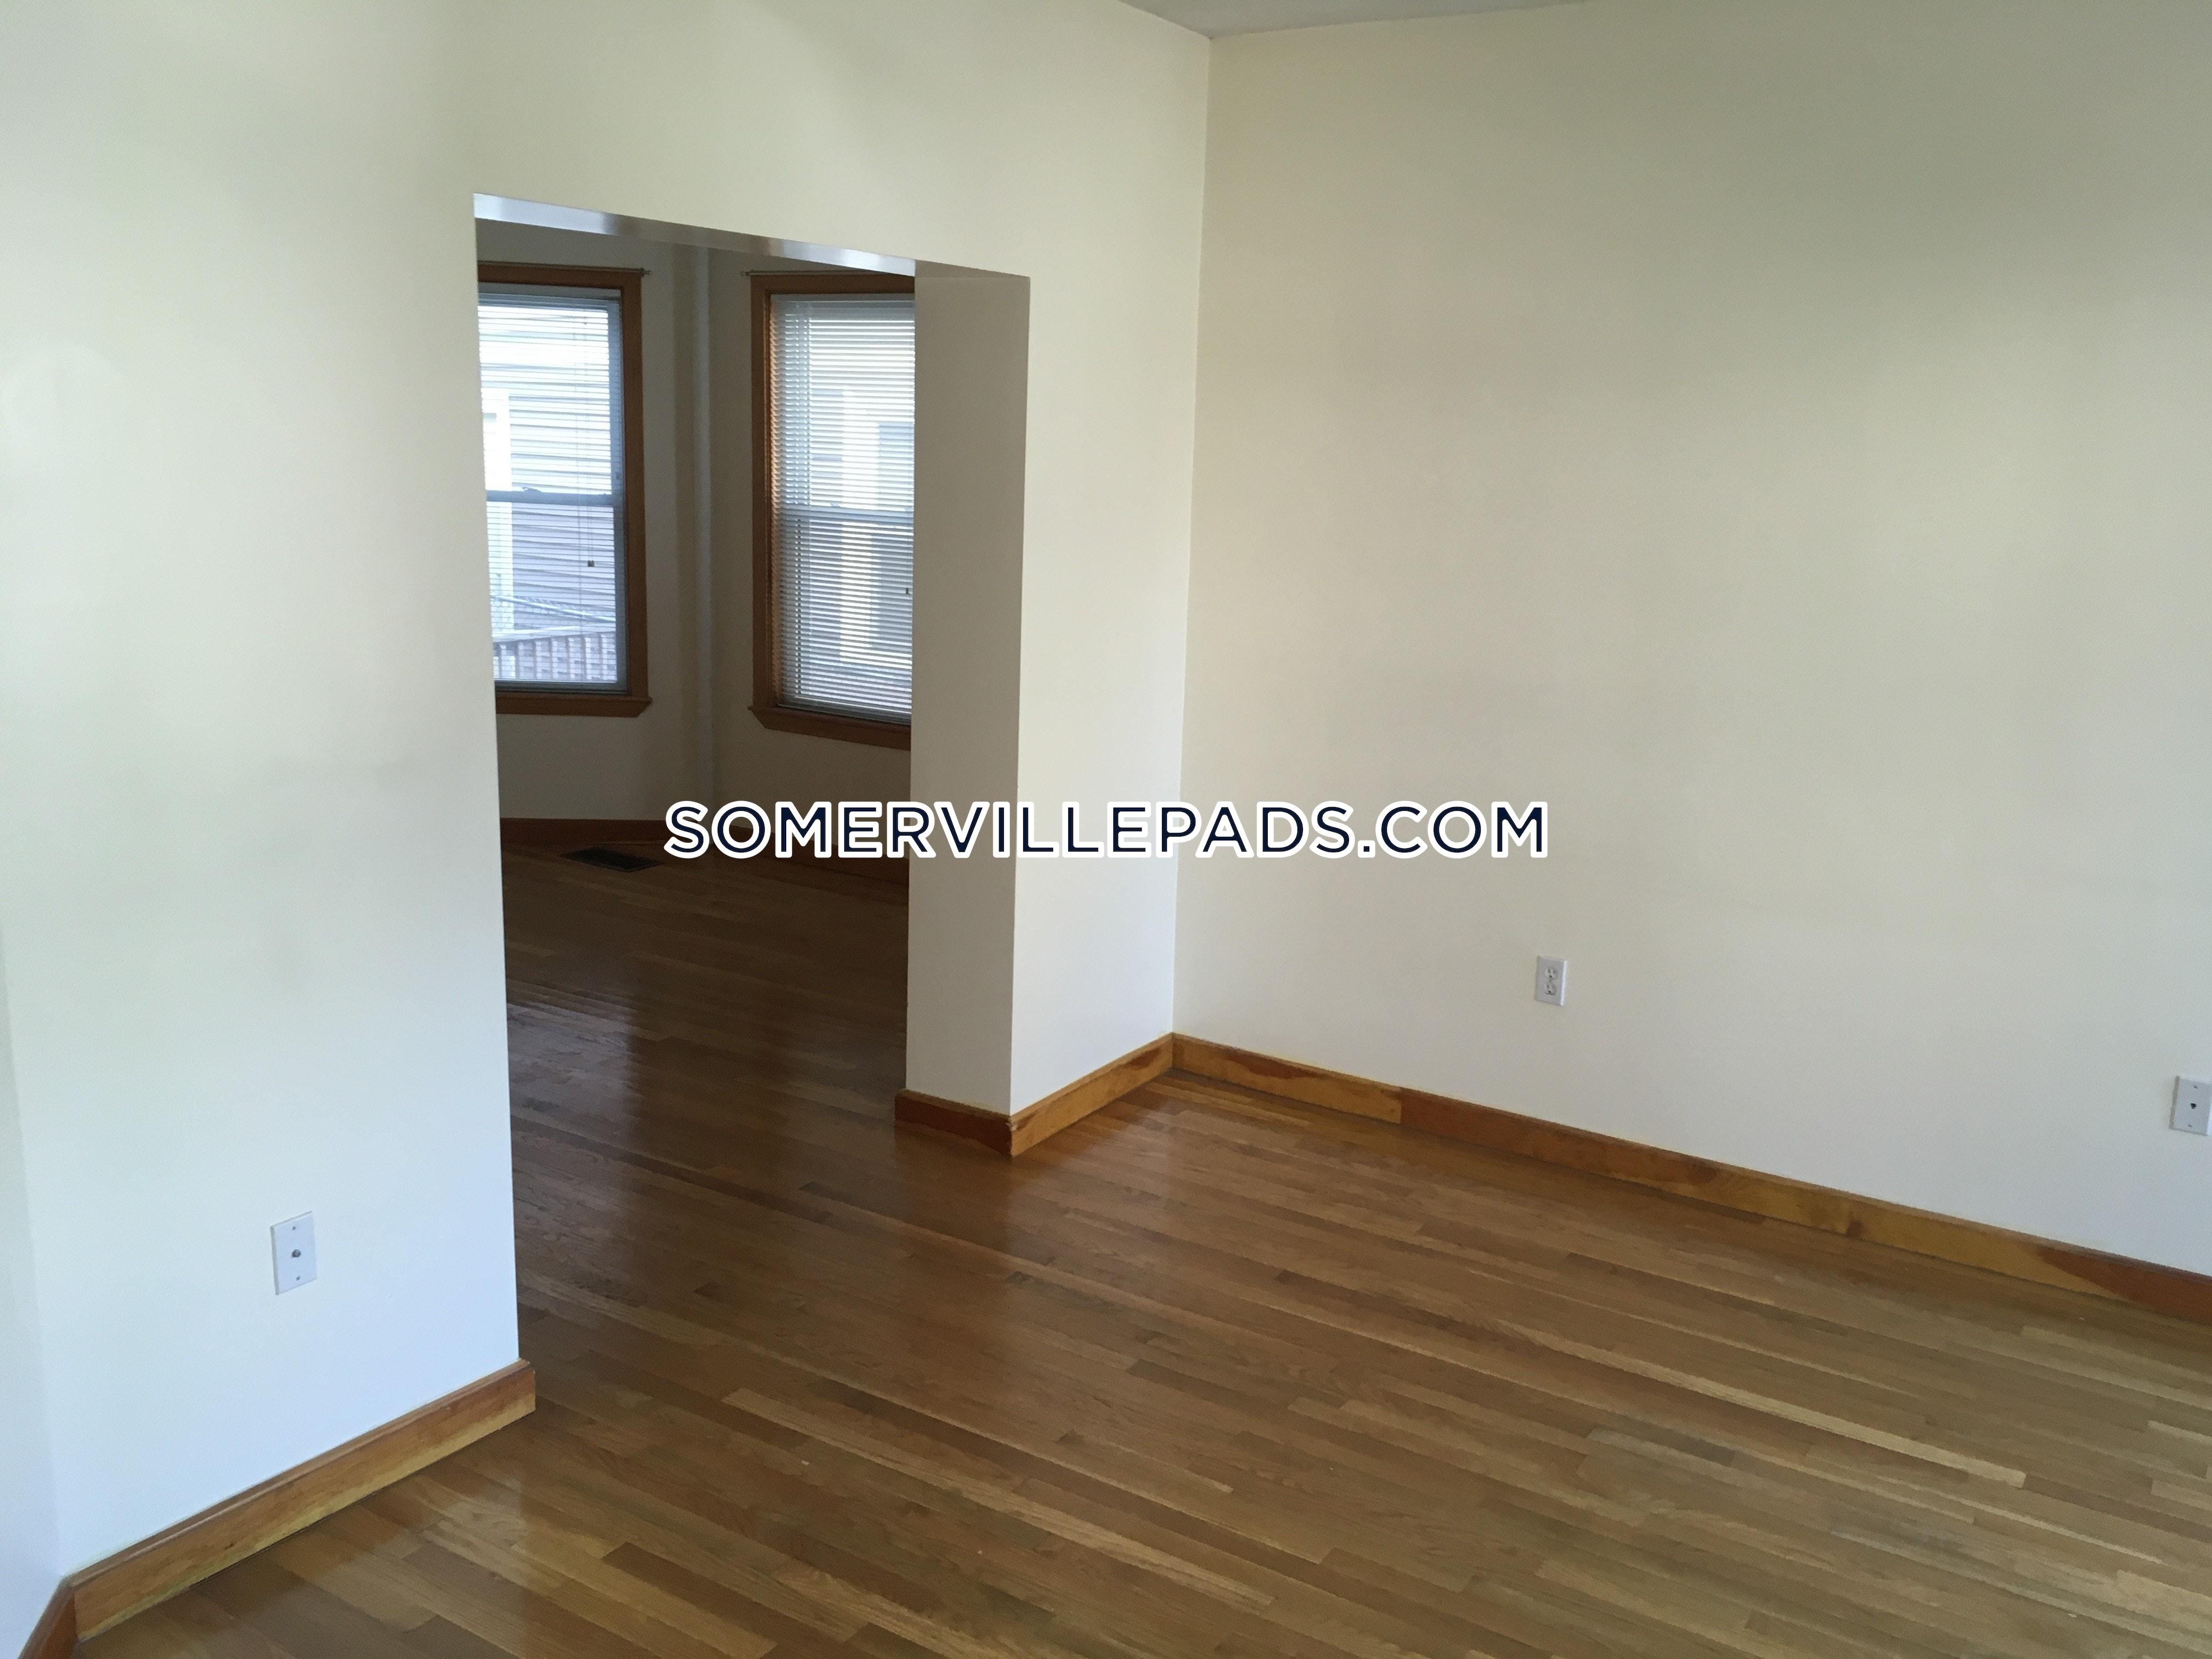 3-beds-1-bath-somerville-porter-square-3450-388545